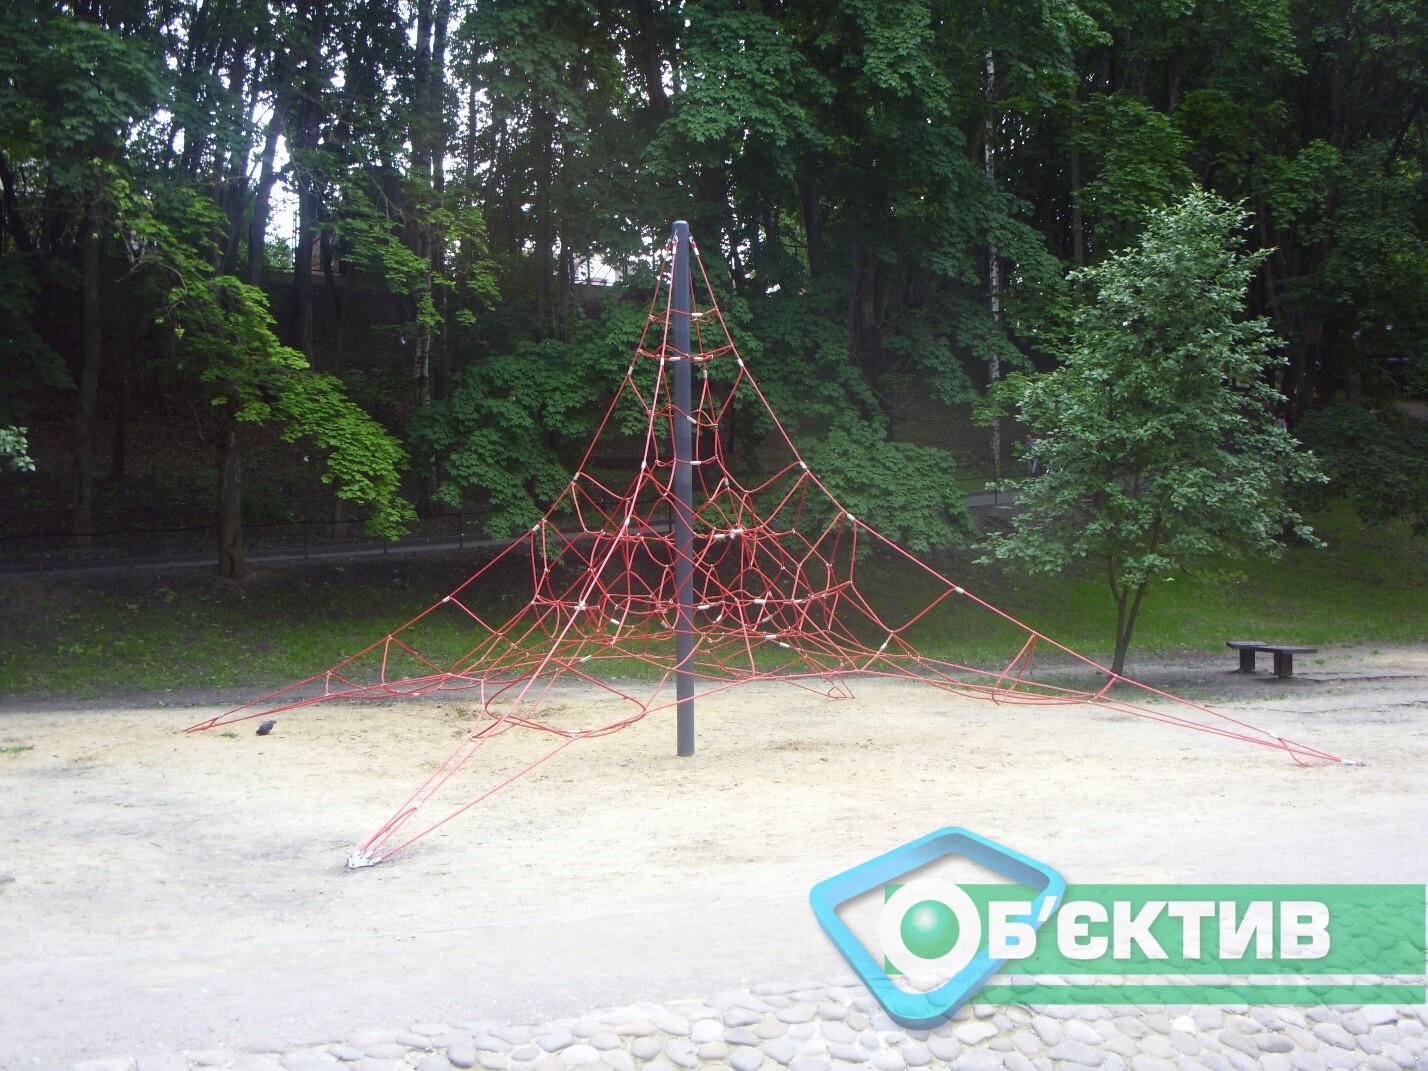 Детская площадка в Саржином яру в Харькове